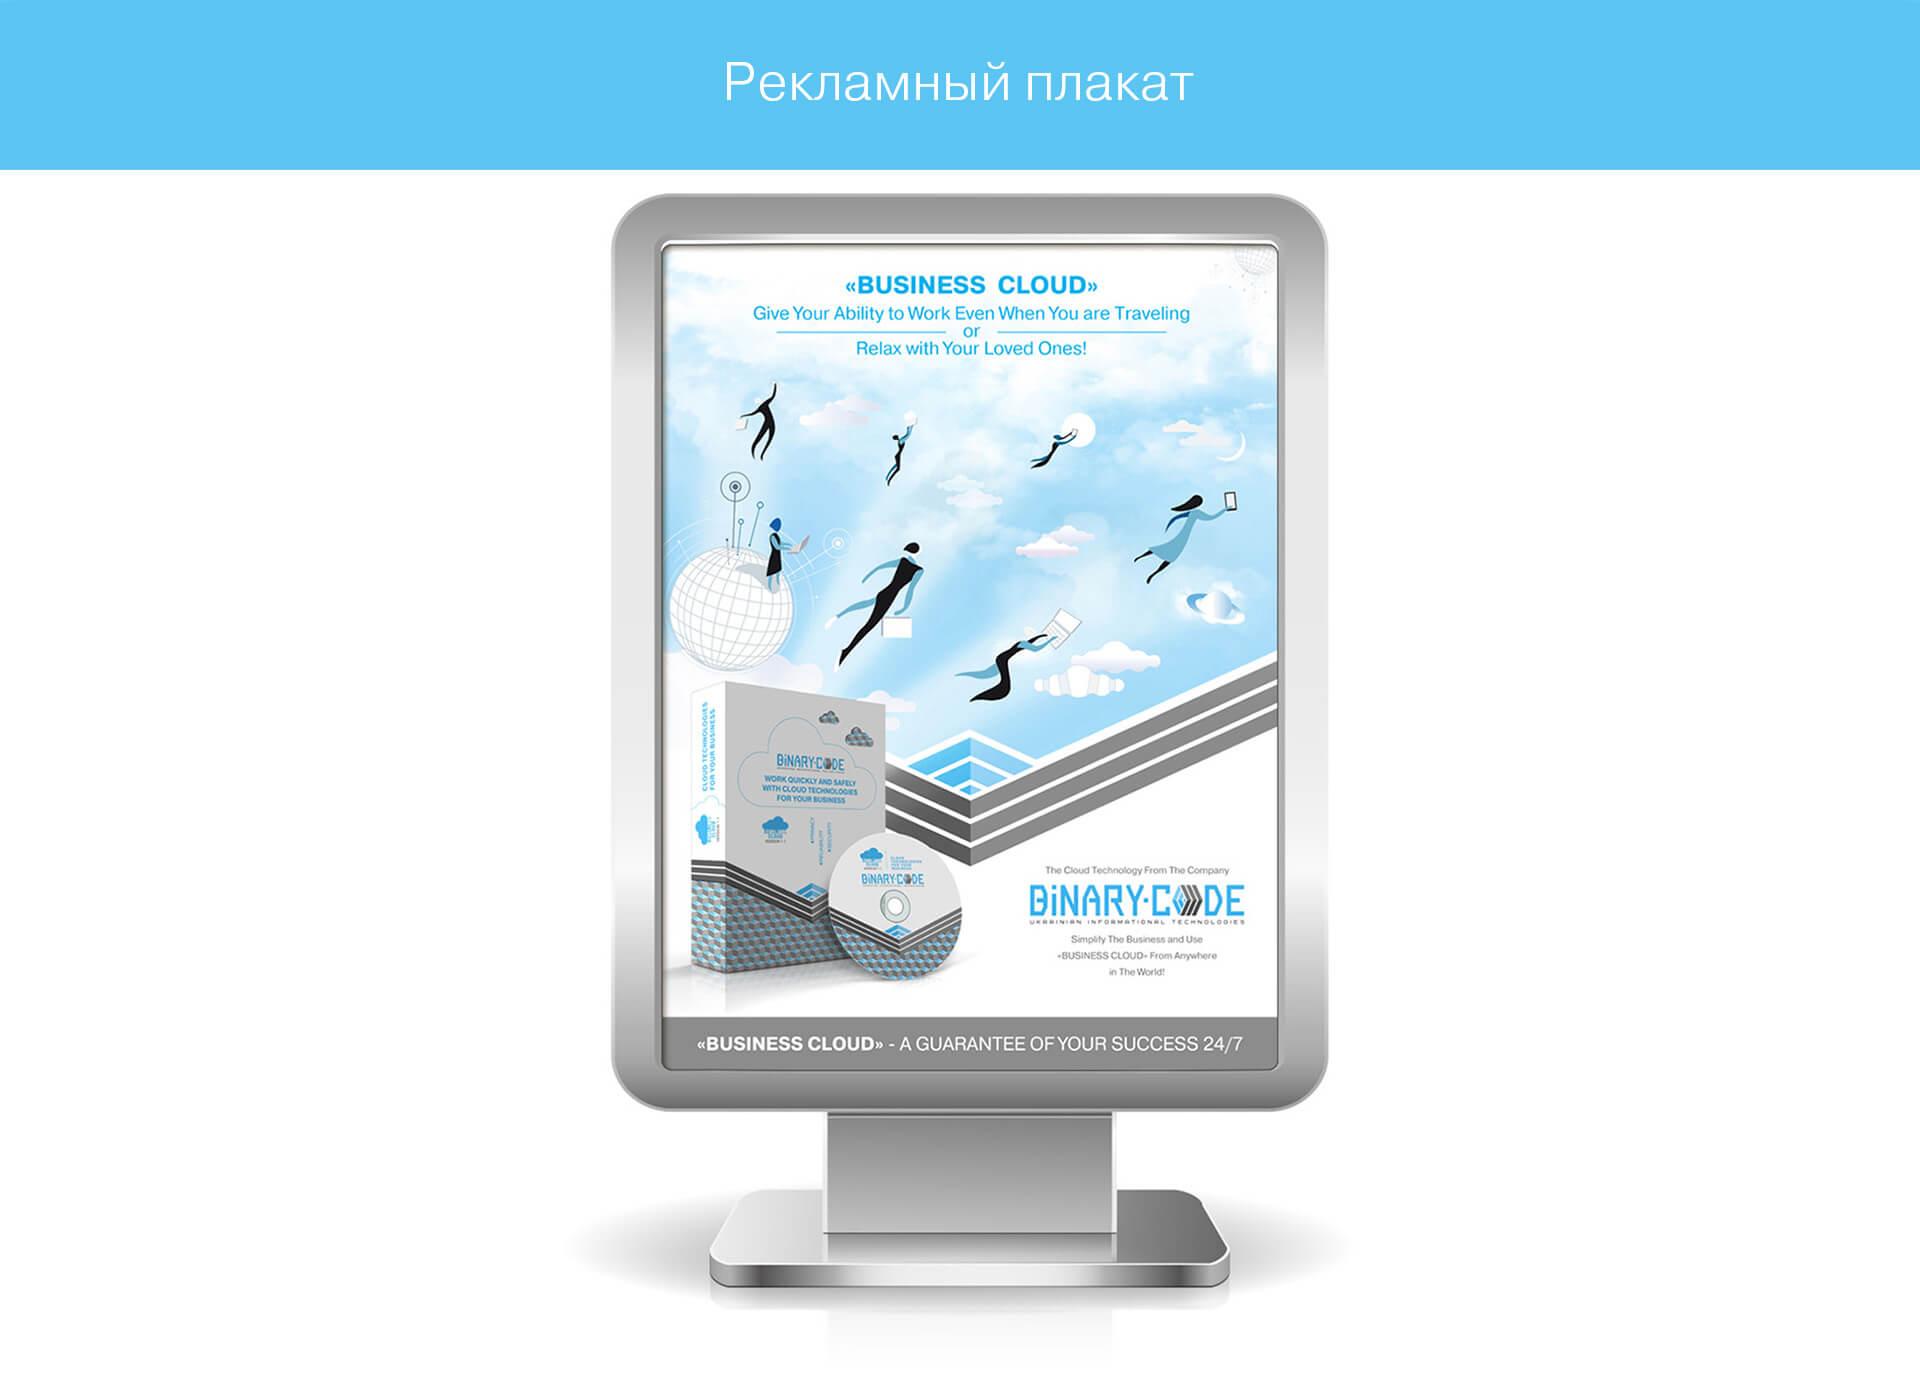 prokochuk_irina_binary-code_19_